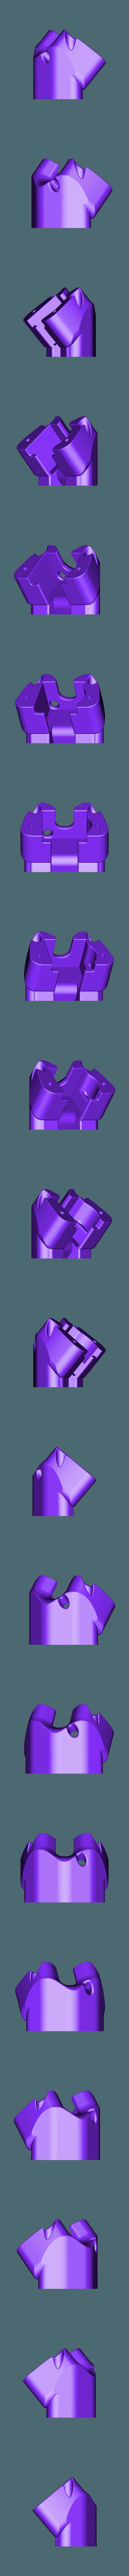 ale_aomway_tris.stl Télécharger fichier STL gratuit Protection de la CAM du FPV Aomway • Modèle pour imprimante 3D, touchthebitum